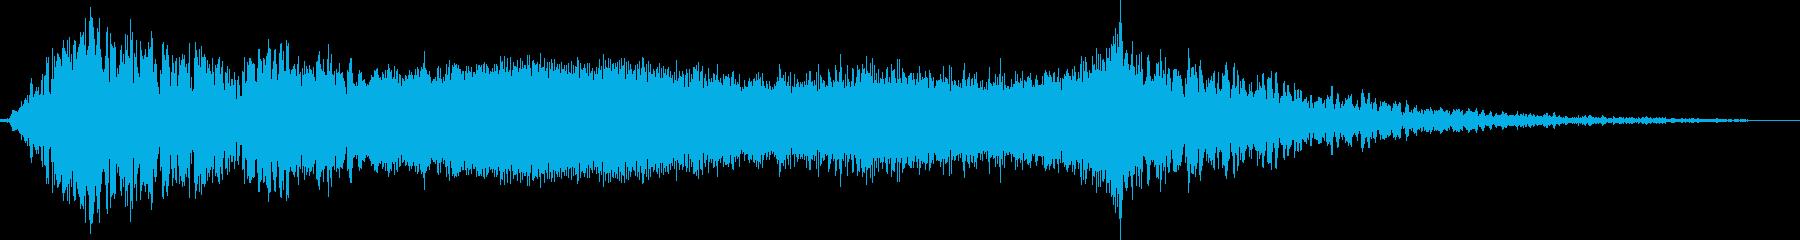 【シネマティック】 RISER HITの再生済みの波形